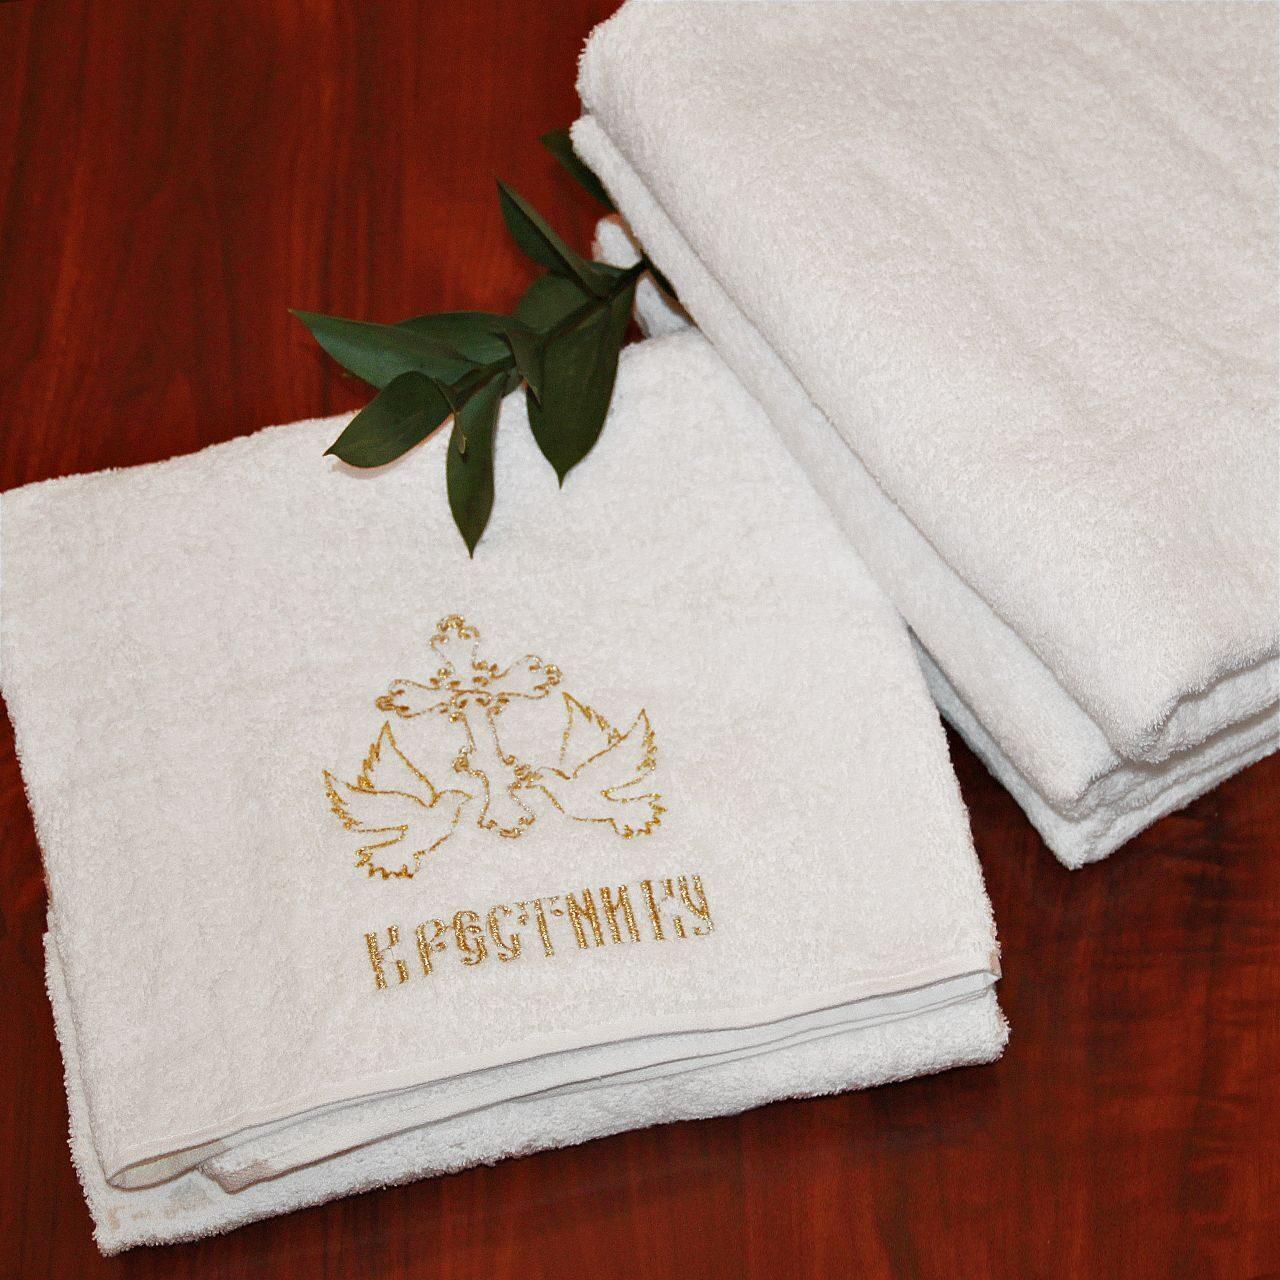 Вышивка на крестильном полотенце своими руками 91